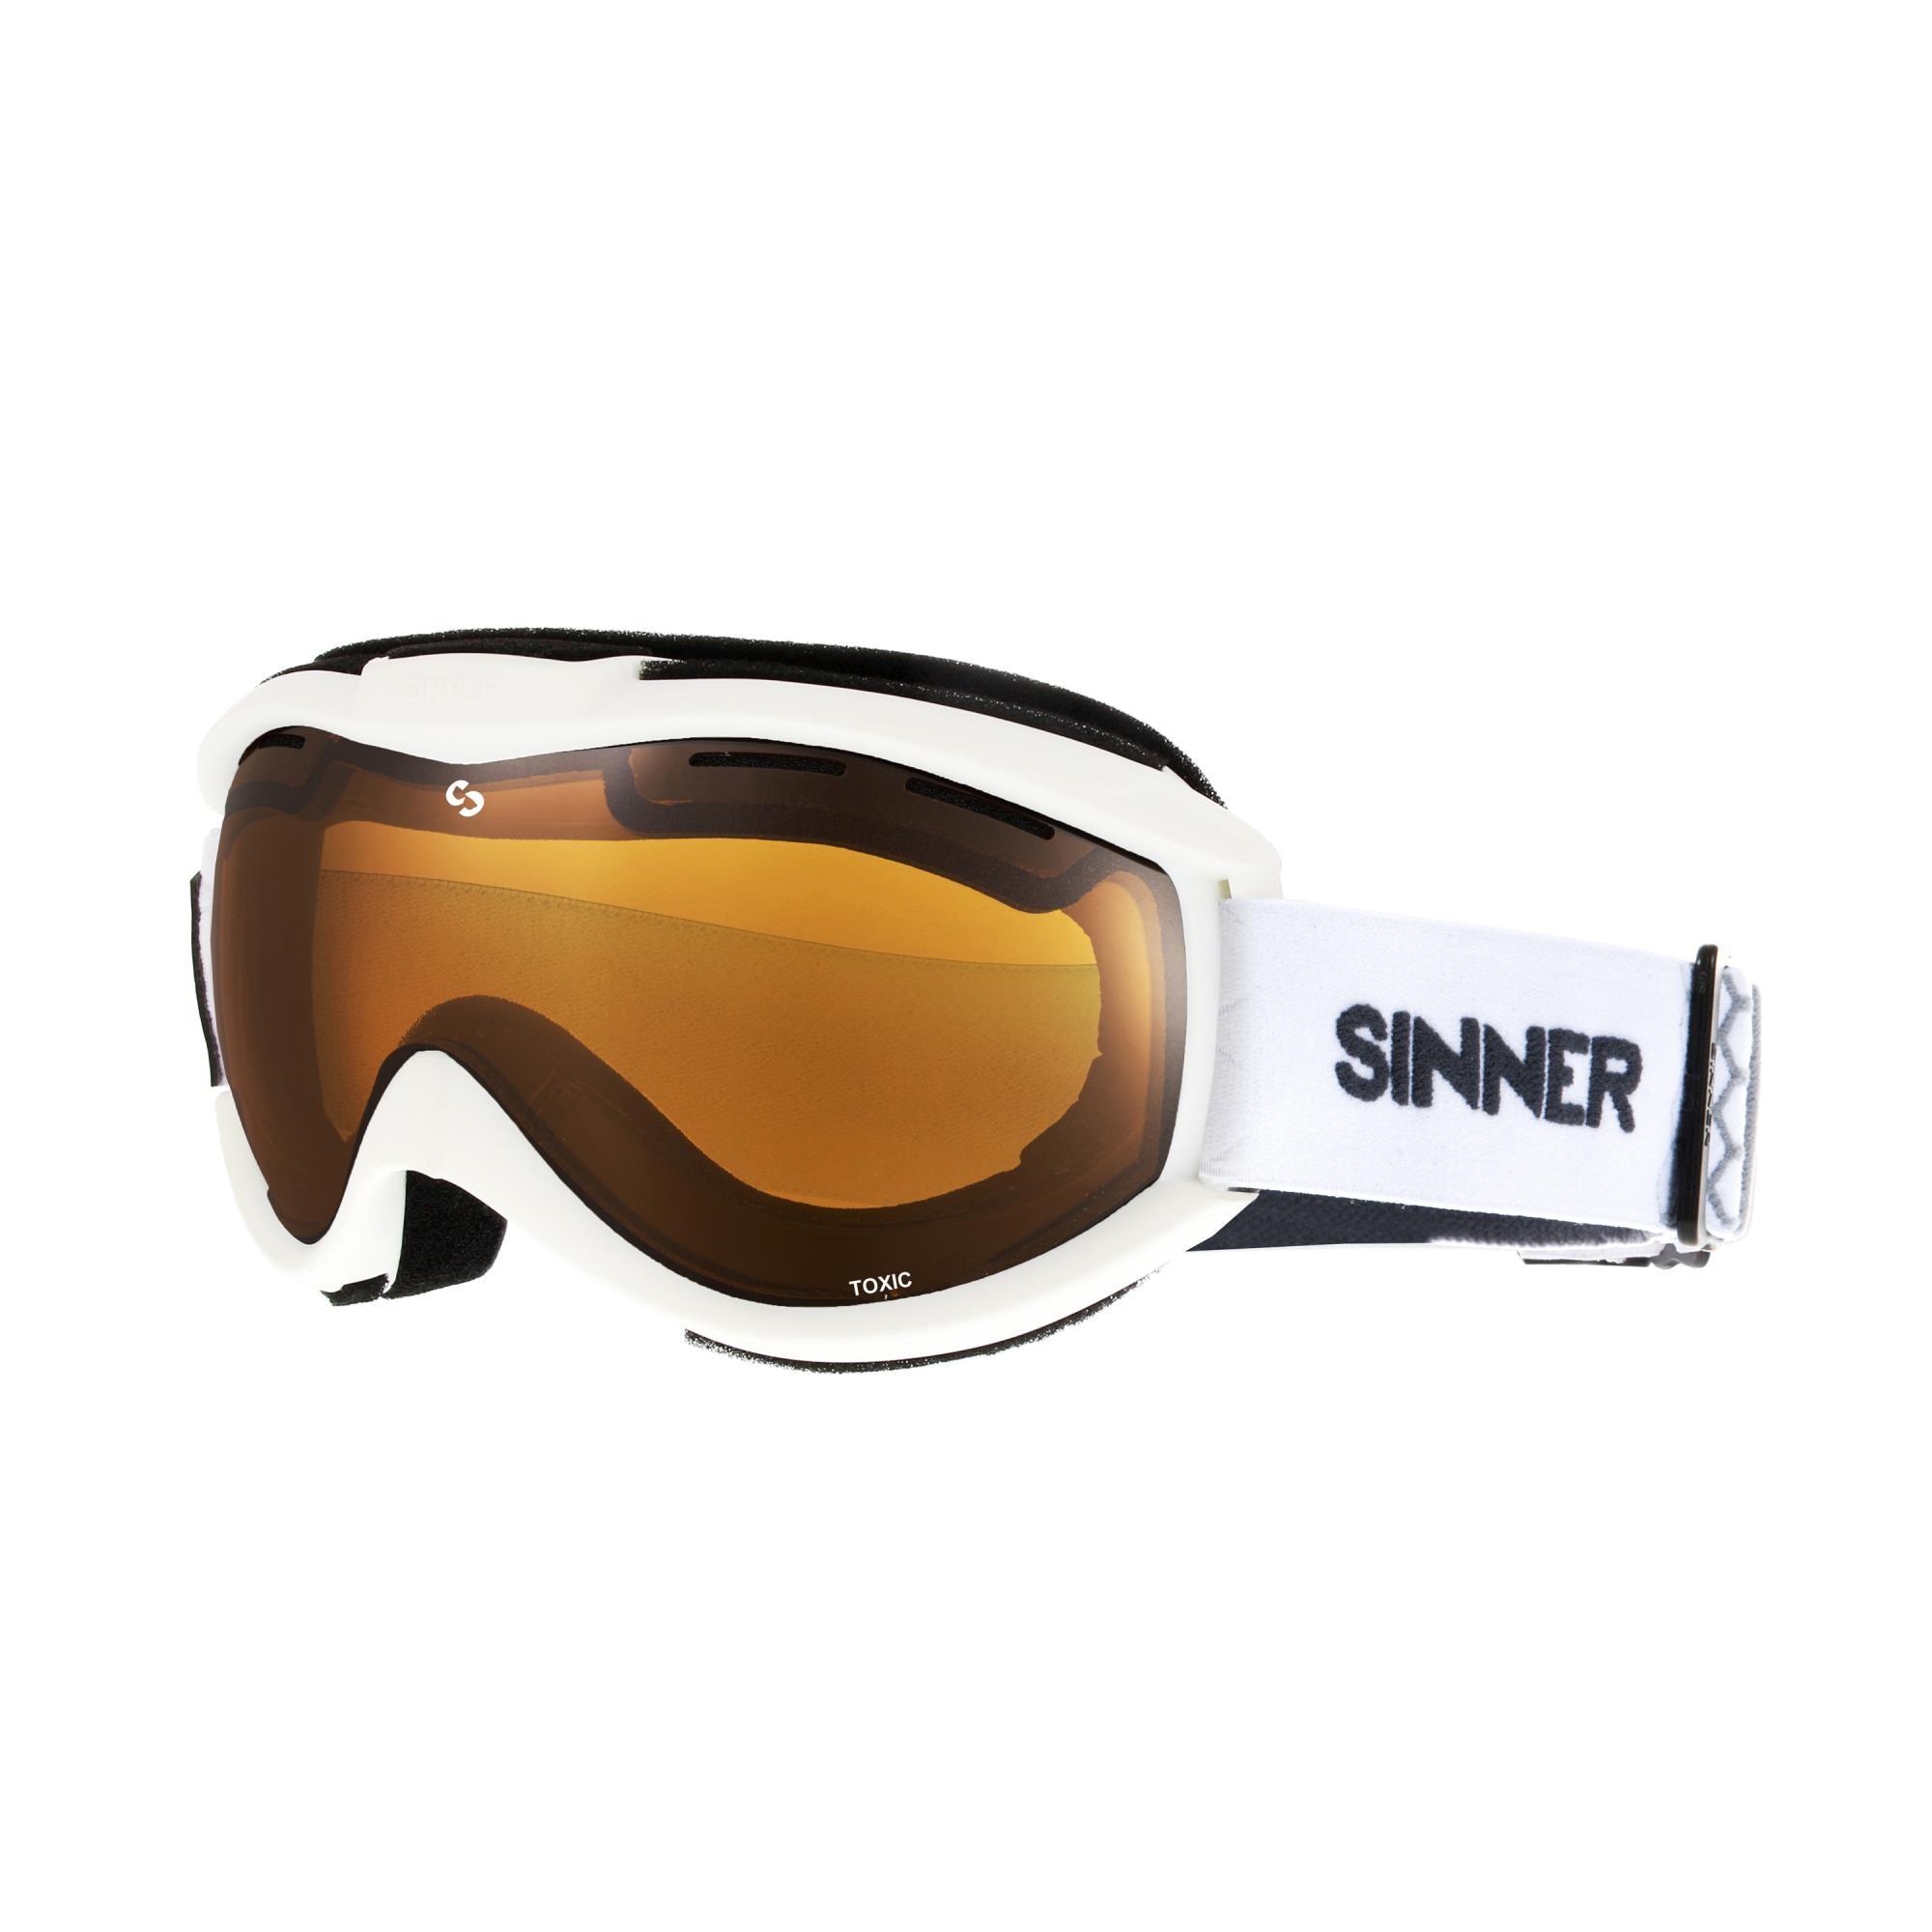 Sinner Toxic Skibril - Mat Wit - Oranje Spiegellens